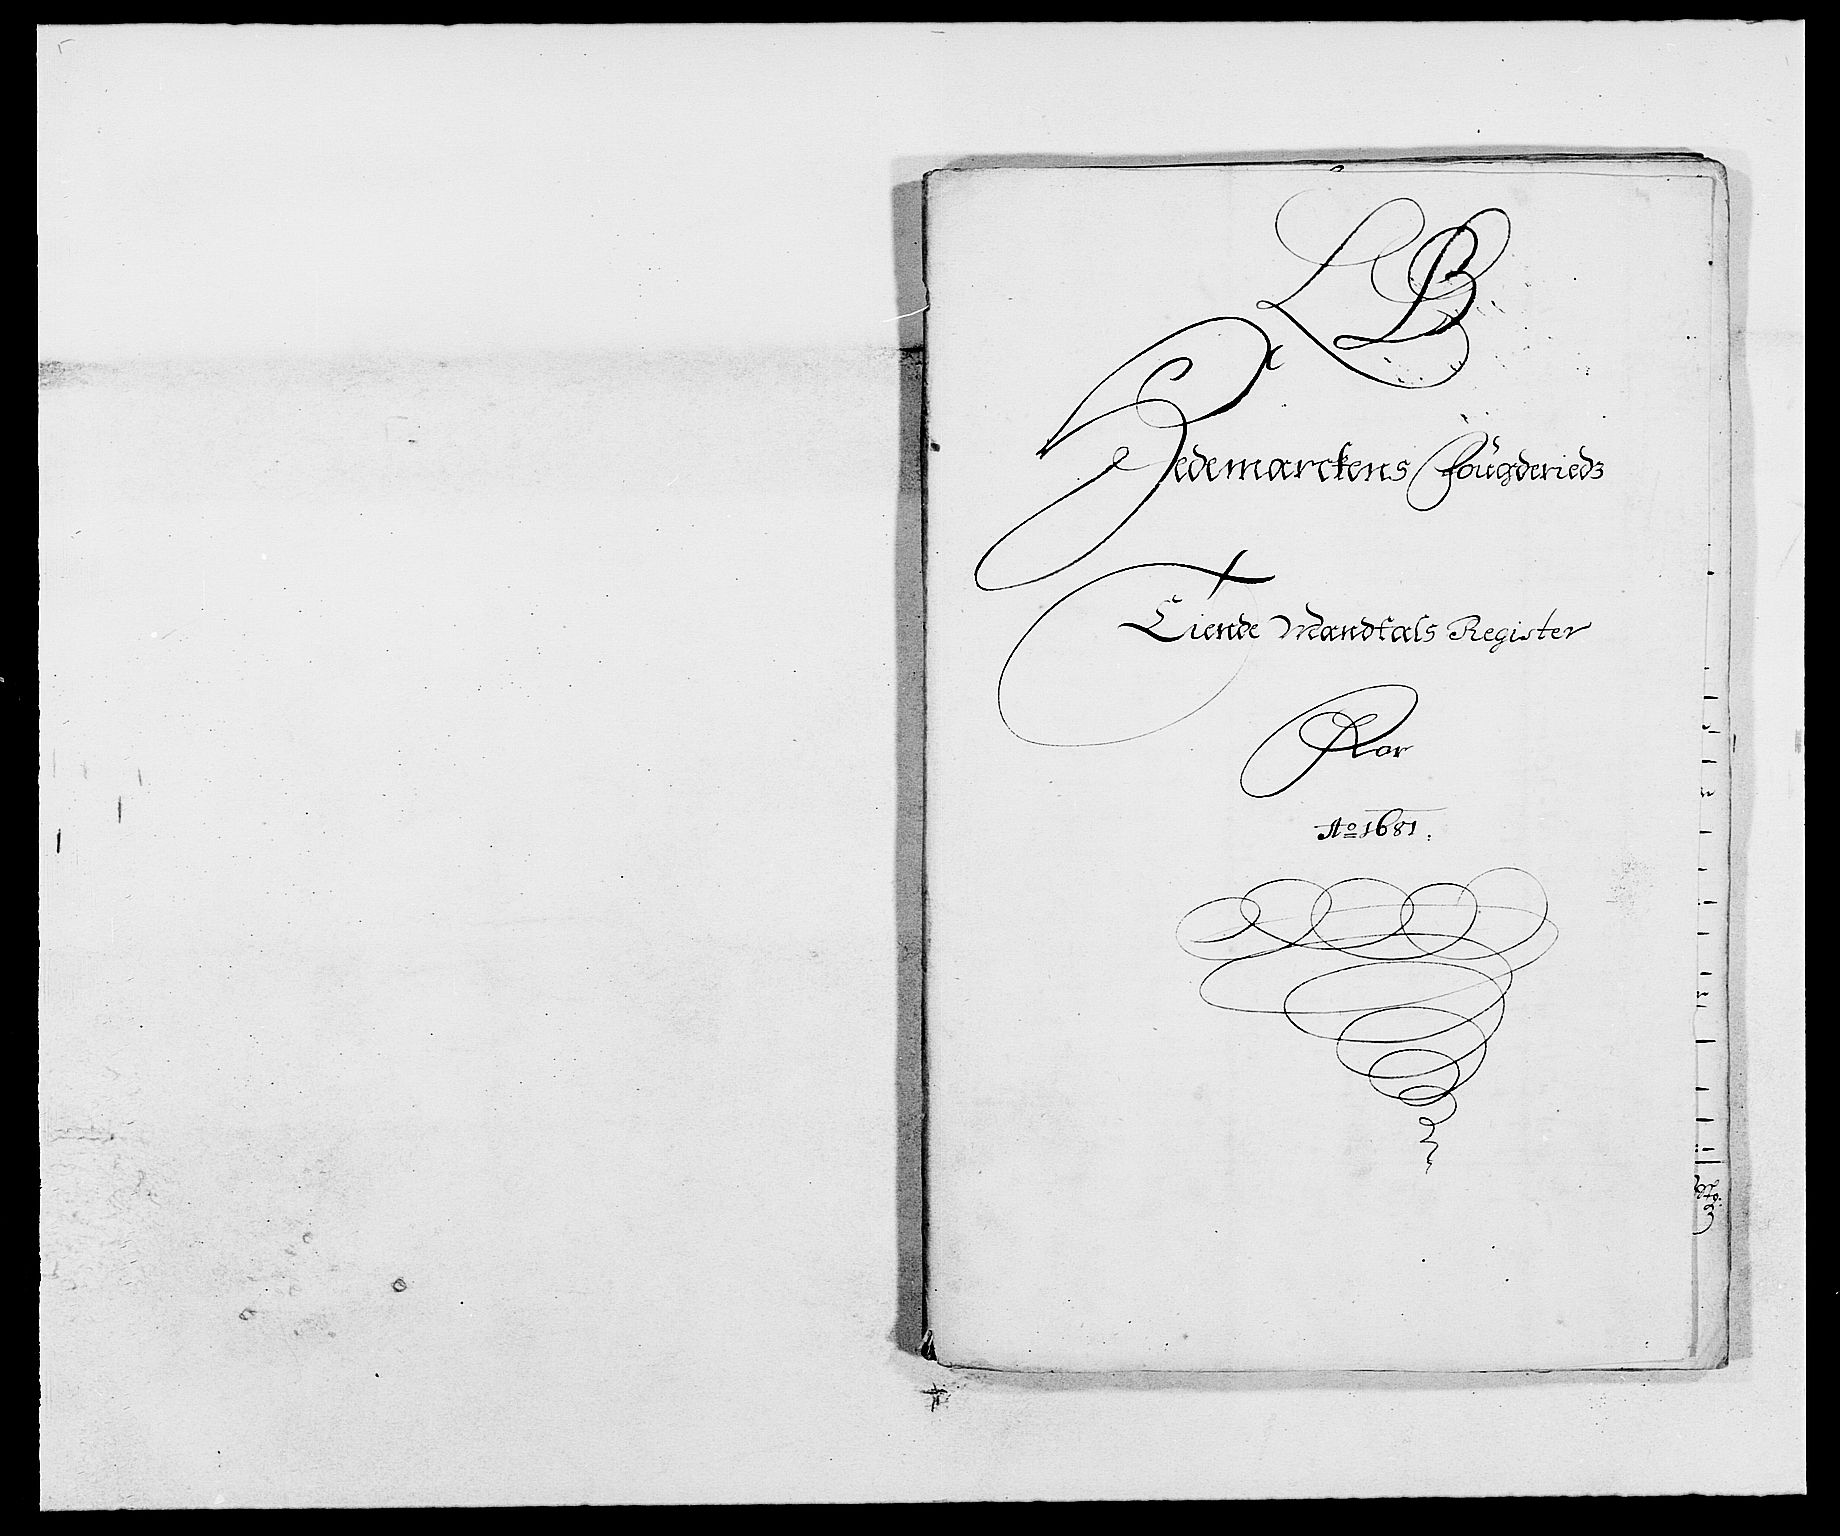 RA, Rentekammeret inntil 1814, Reviderte regnskaper, Fogderegnskap, R16/L1021: Fogderegnskap Hedmark, 1681, s. 127